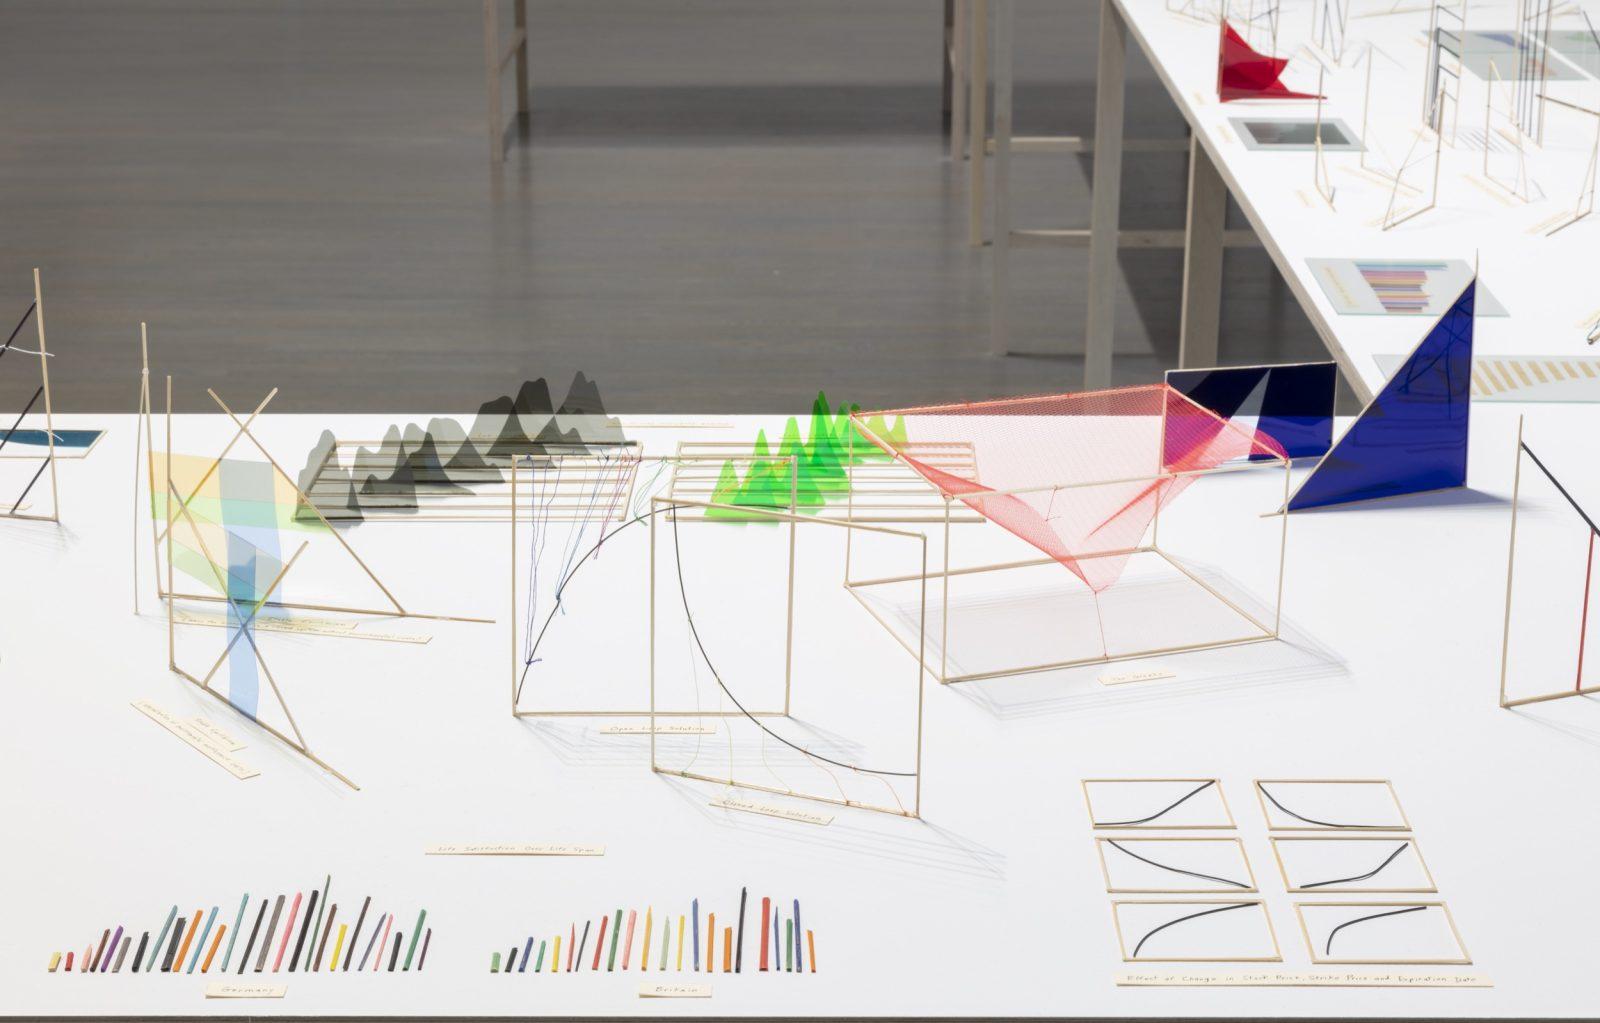 Richard Ibghy and Marilou Lemmens, The Prophets, 2013-2015 Installation  view, Musée d'art contemporain de Montréal, 2018 412 elements. Assorted  materials.